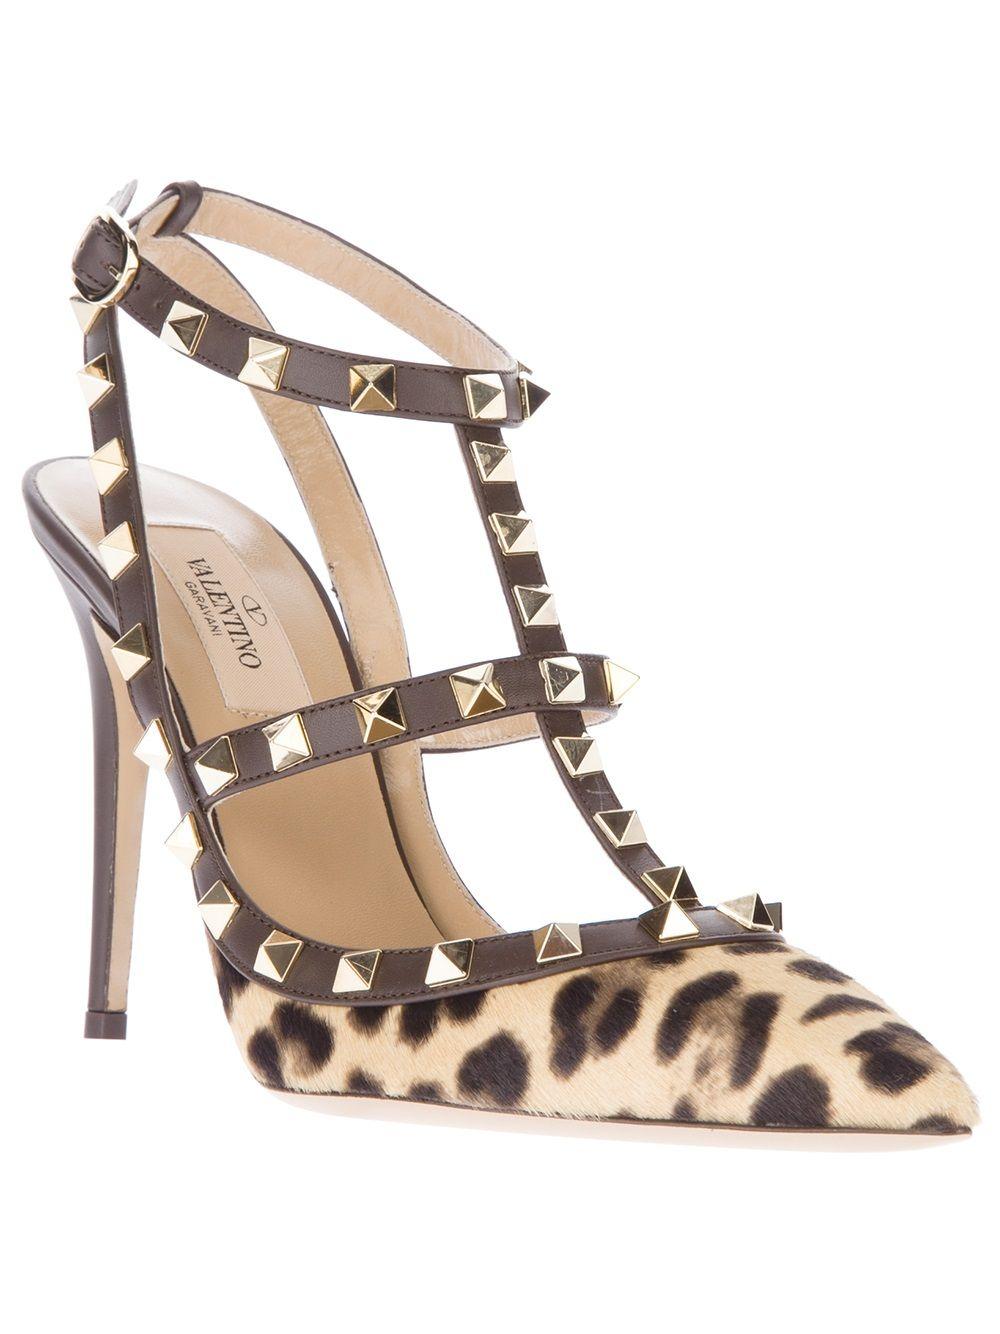 Valentino 'Rockstud' leopard print pump